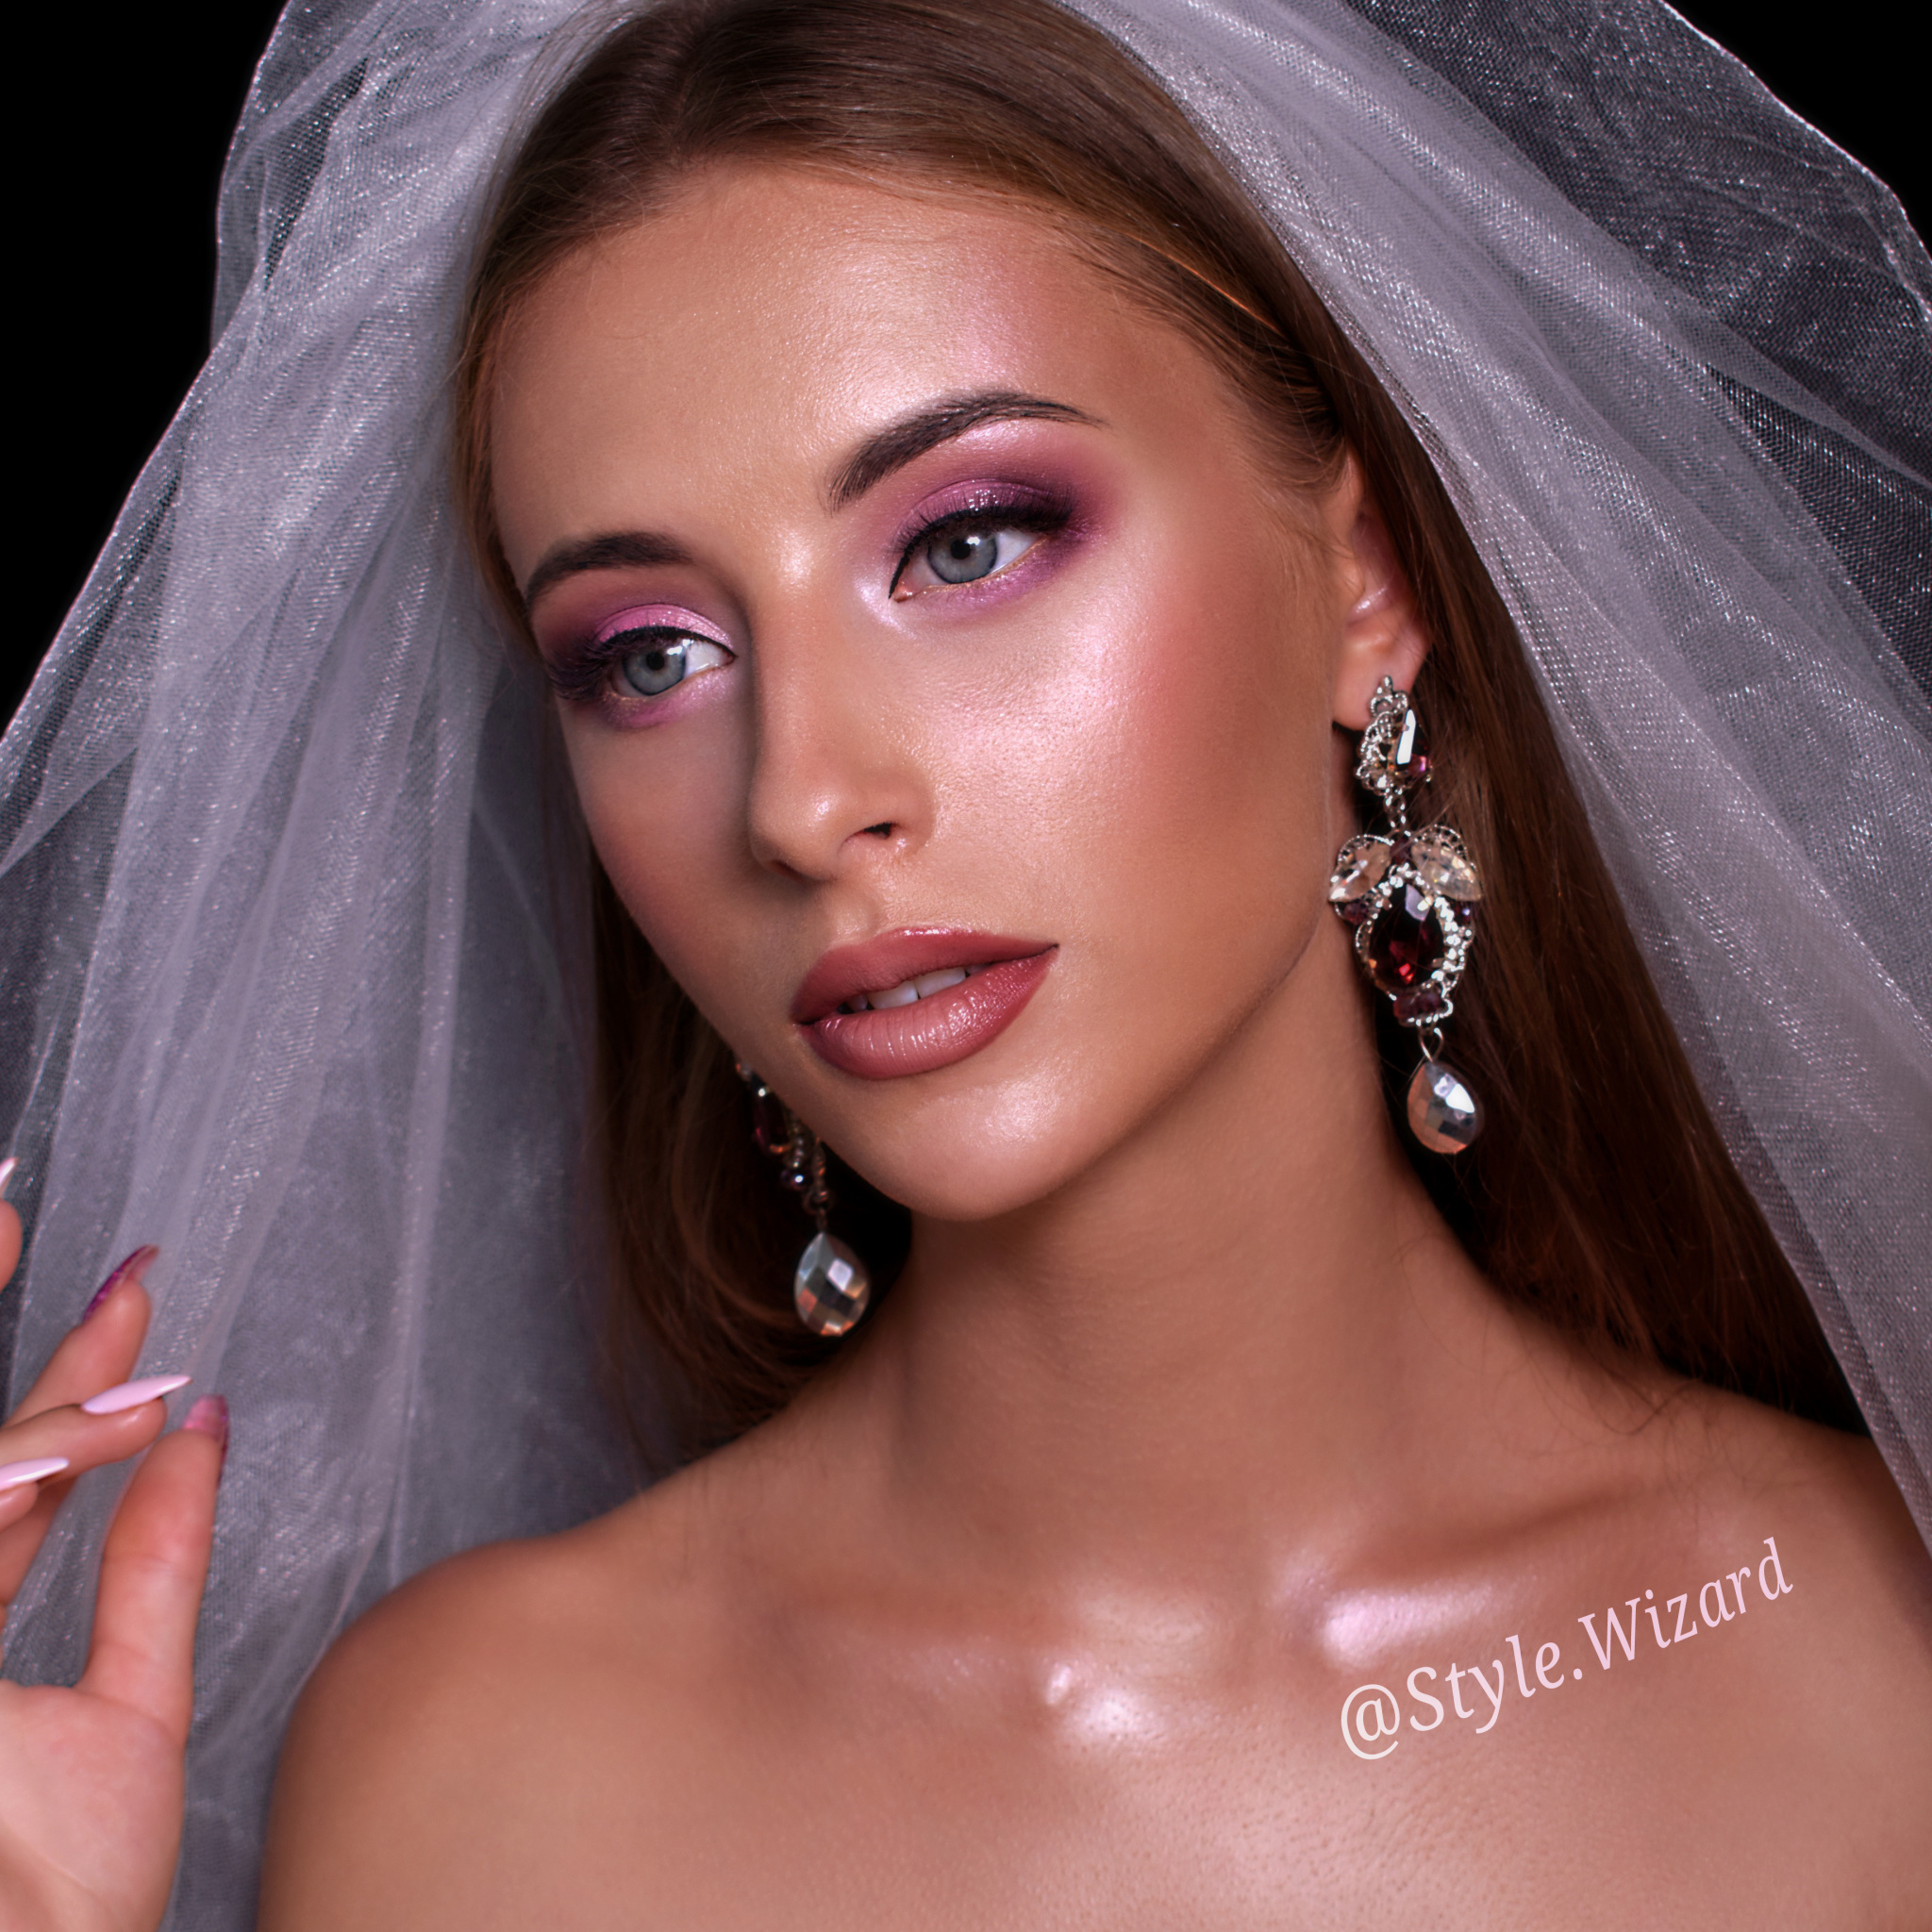 Свадебный макияж и прическа невесты в Киеве на Печерске.